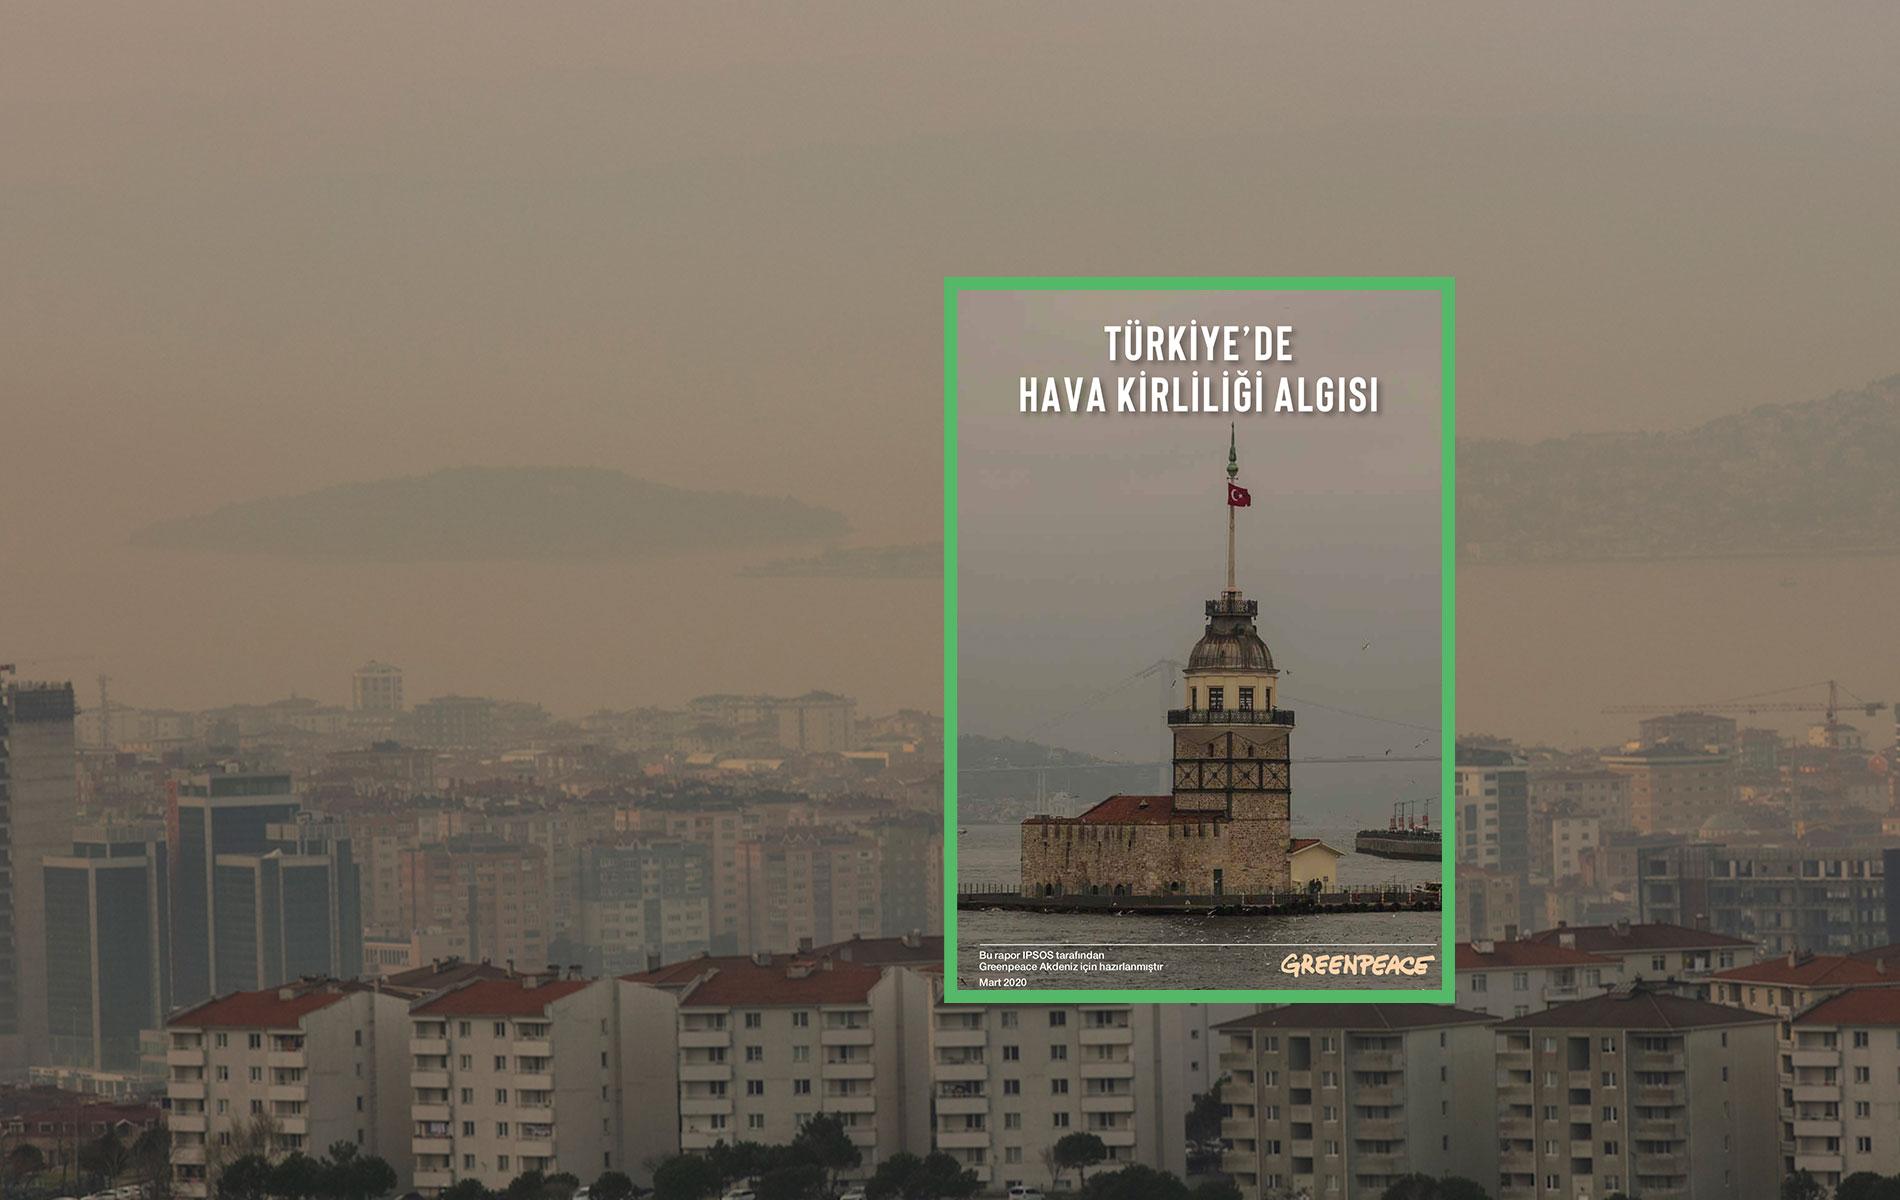 Türkiye'de Hava Kirliliği Algısı